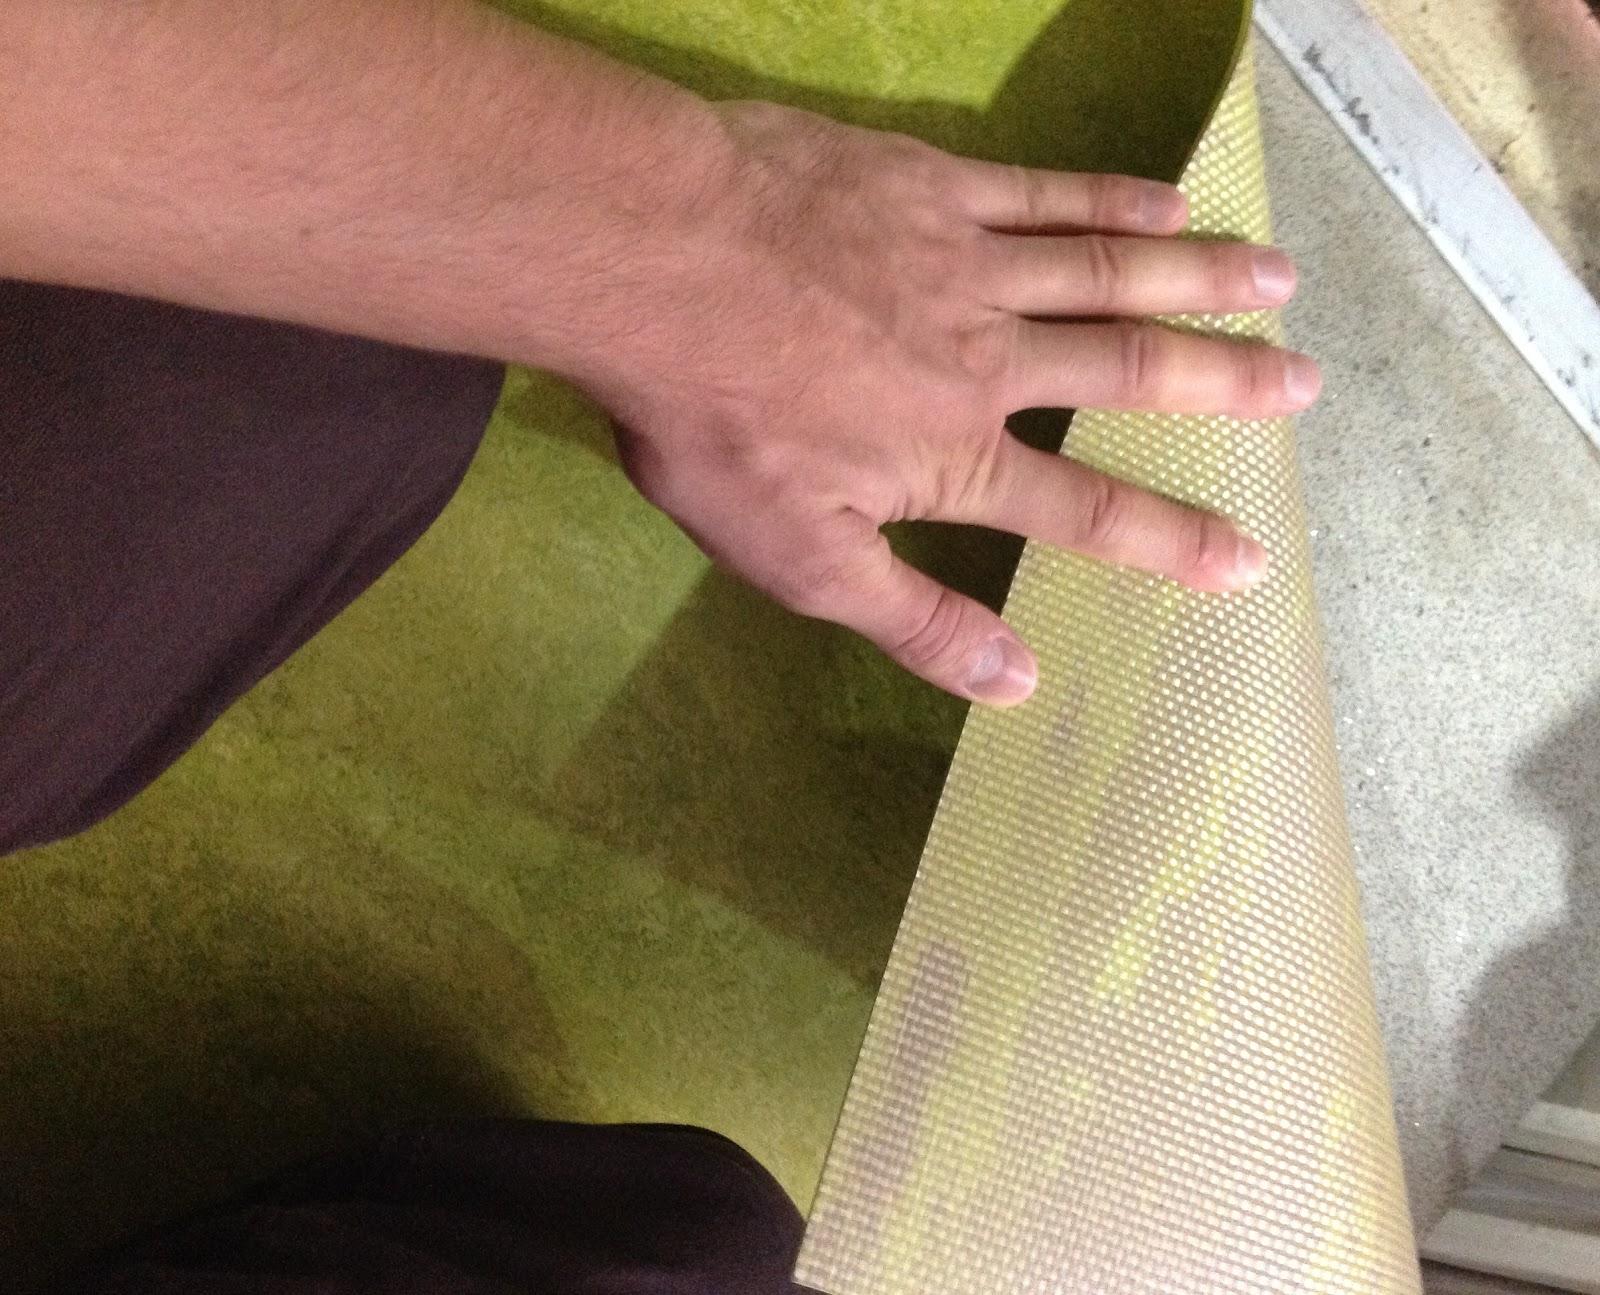 Manual de instalaci n de pavimentos tip facil uni n de - Suelo de linoleo ...